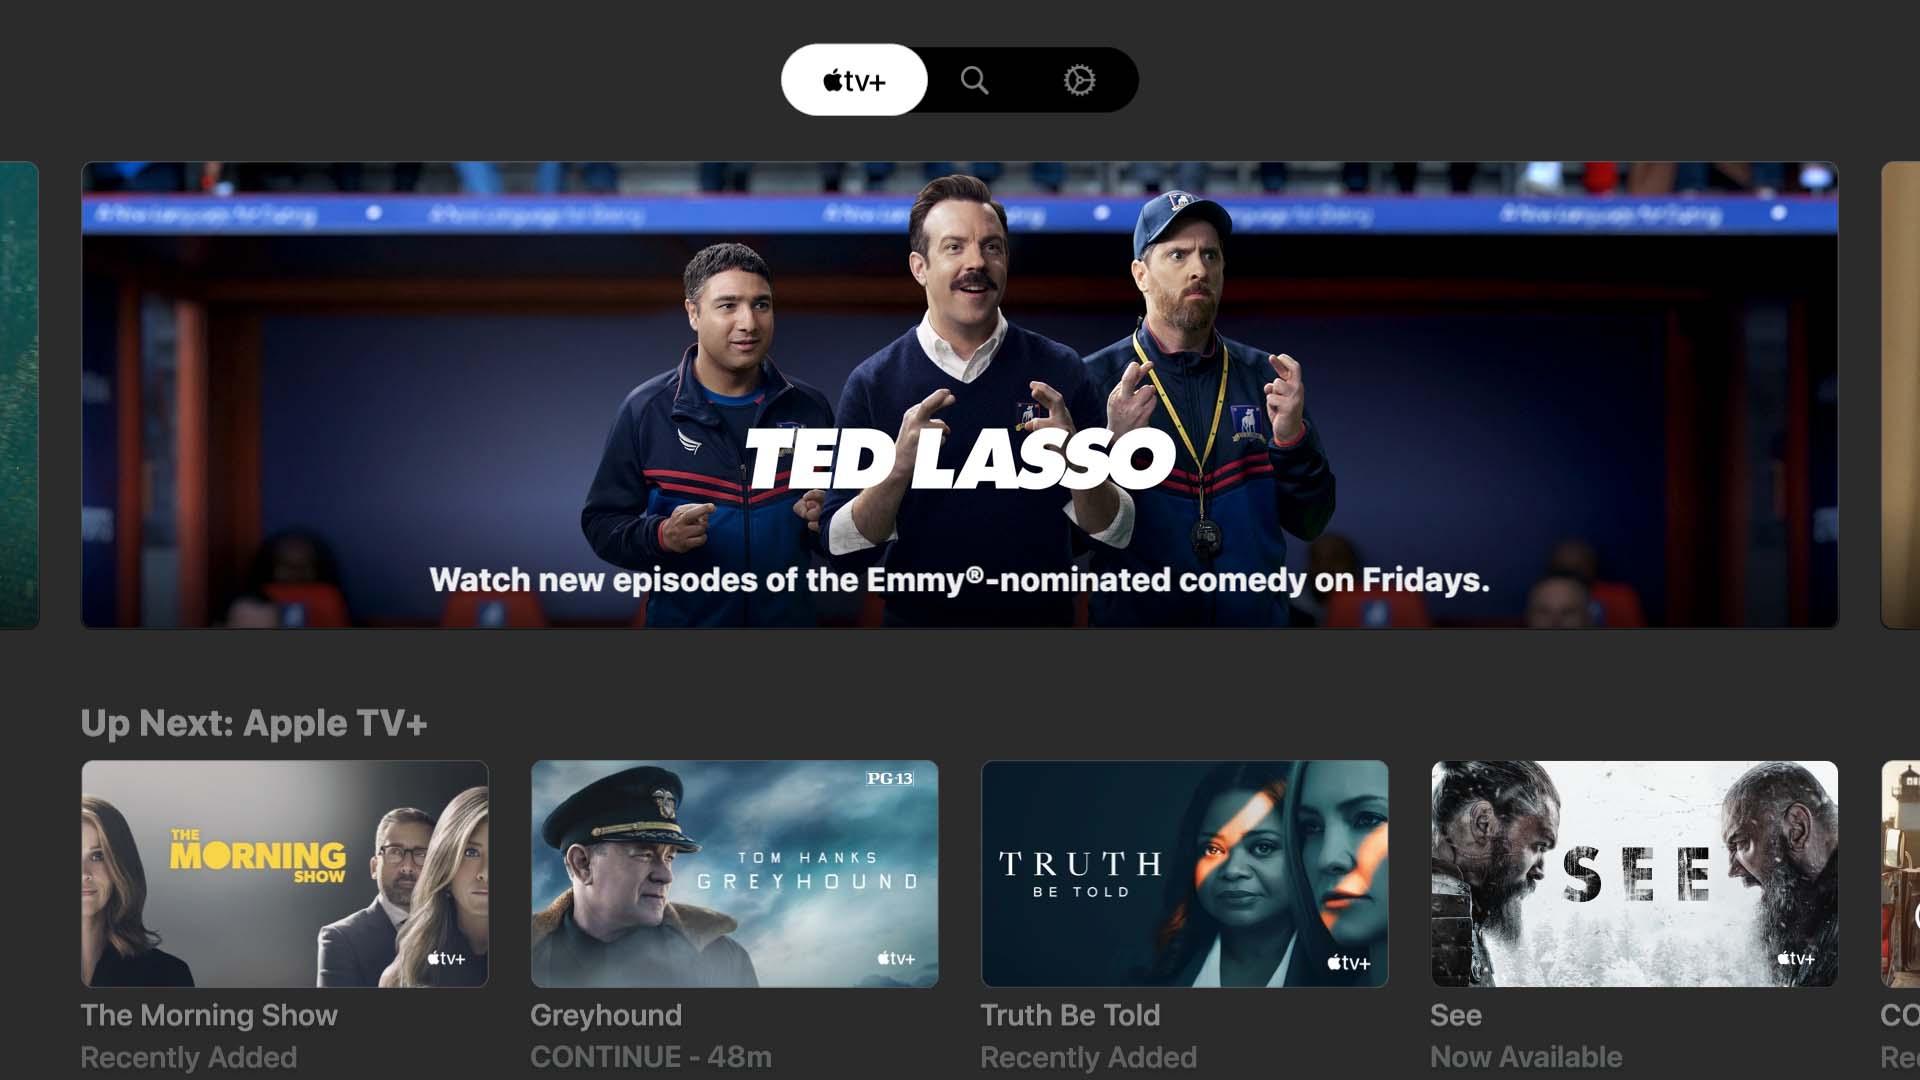 Startscherm in Apple TV Plus app op LG tv.